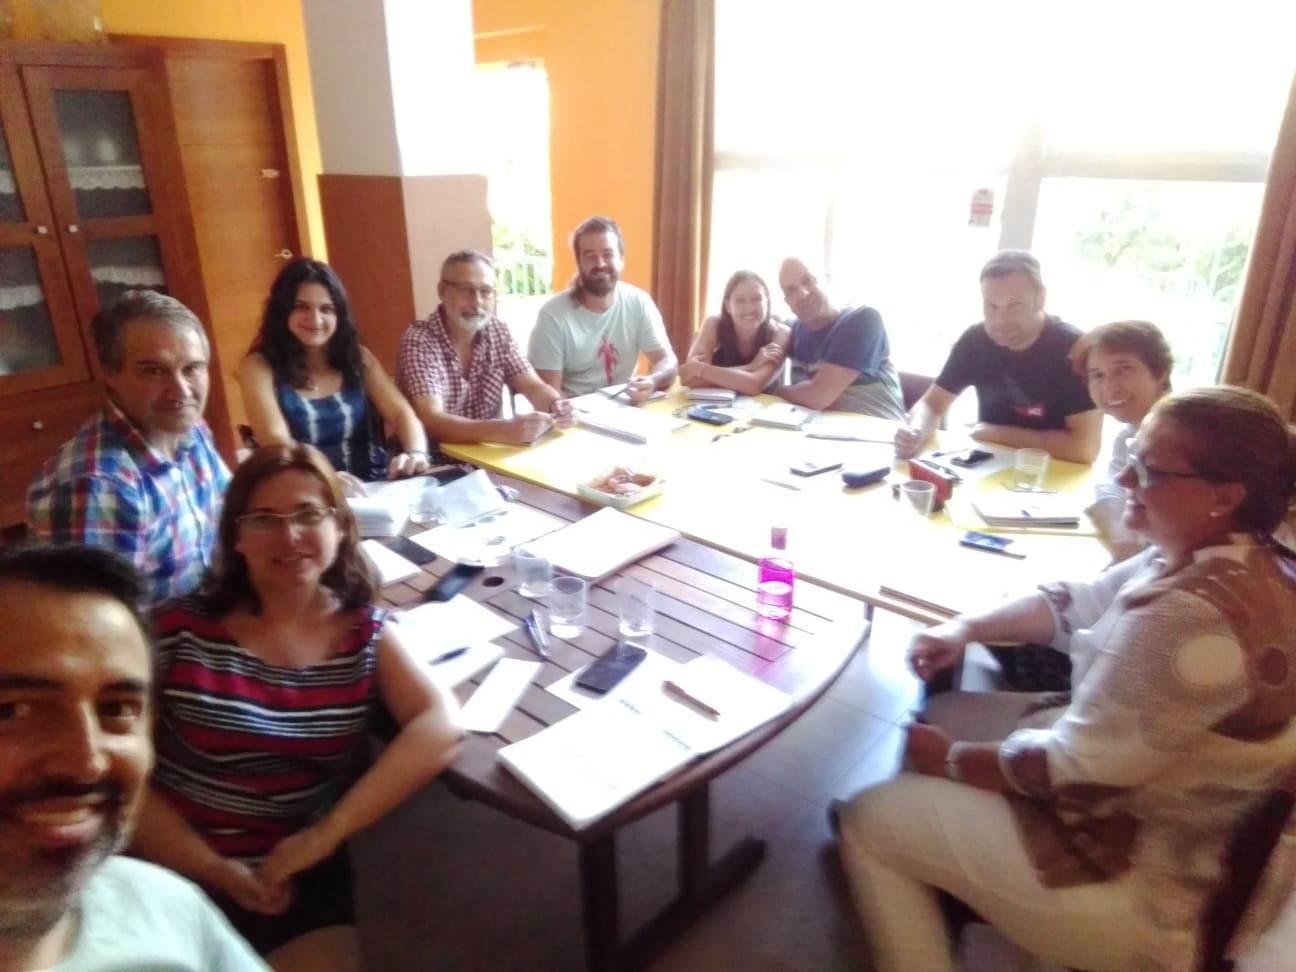 PX Zaragoza arranca el curso fortaleciendo su equipo de acompañantes